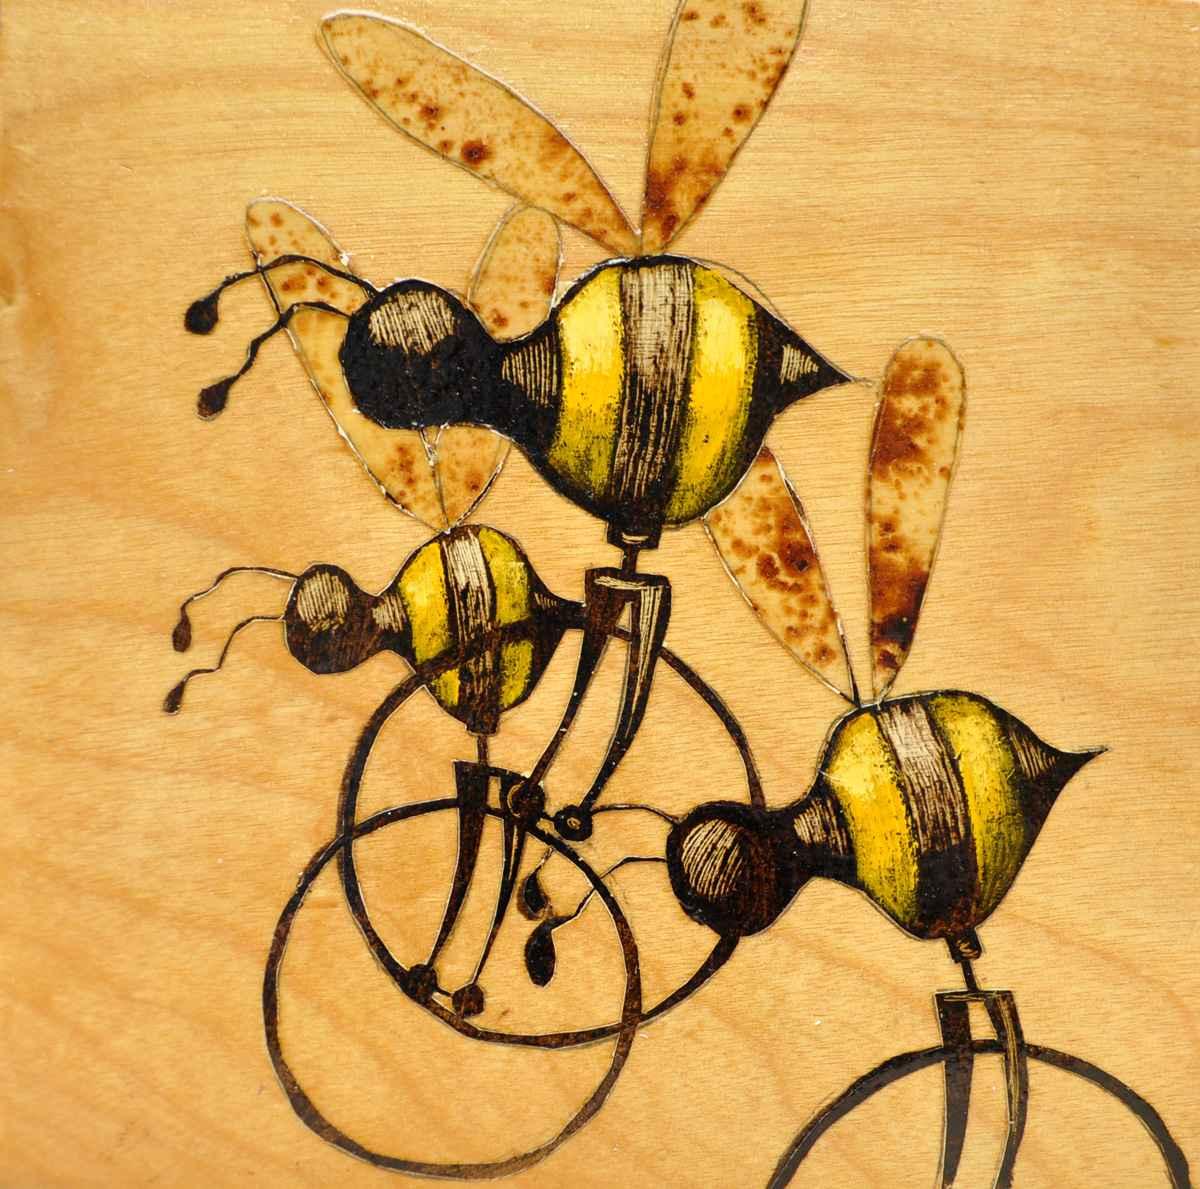 Beecycle